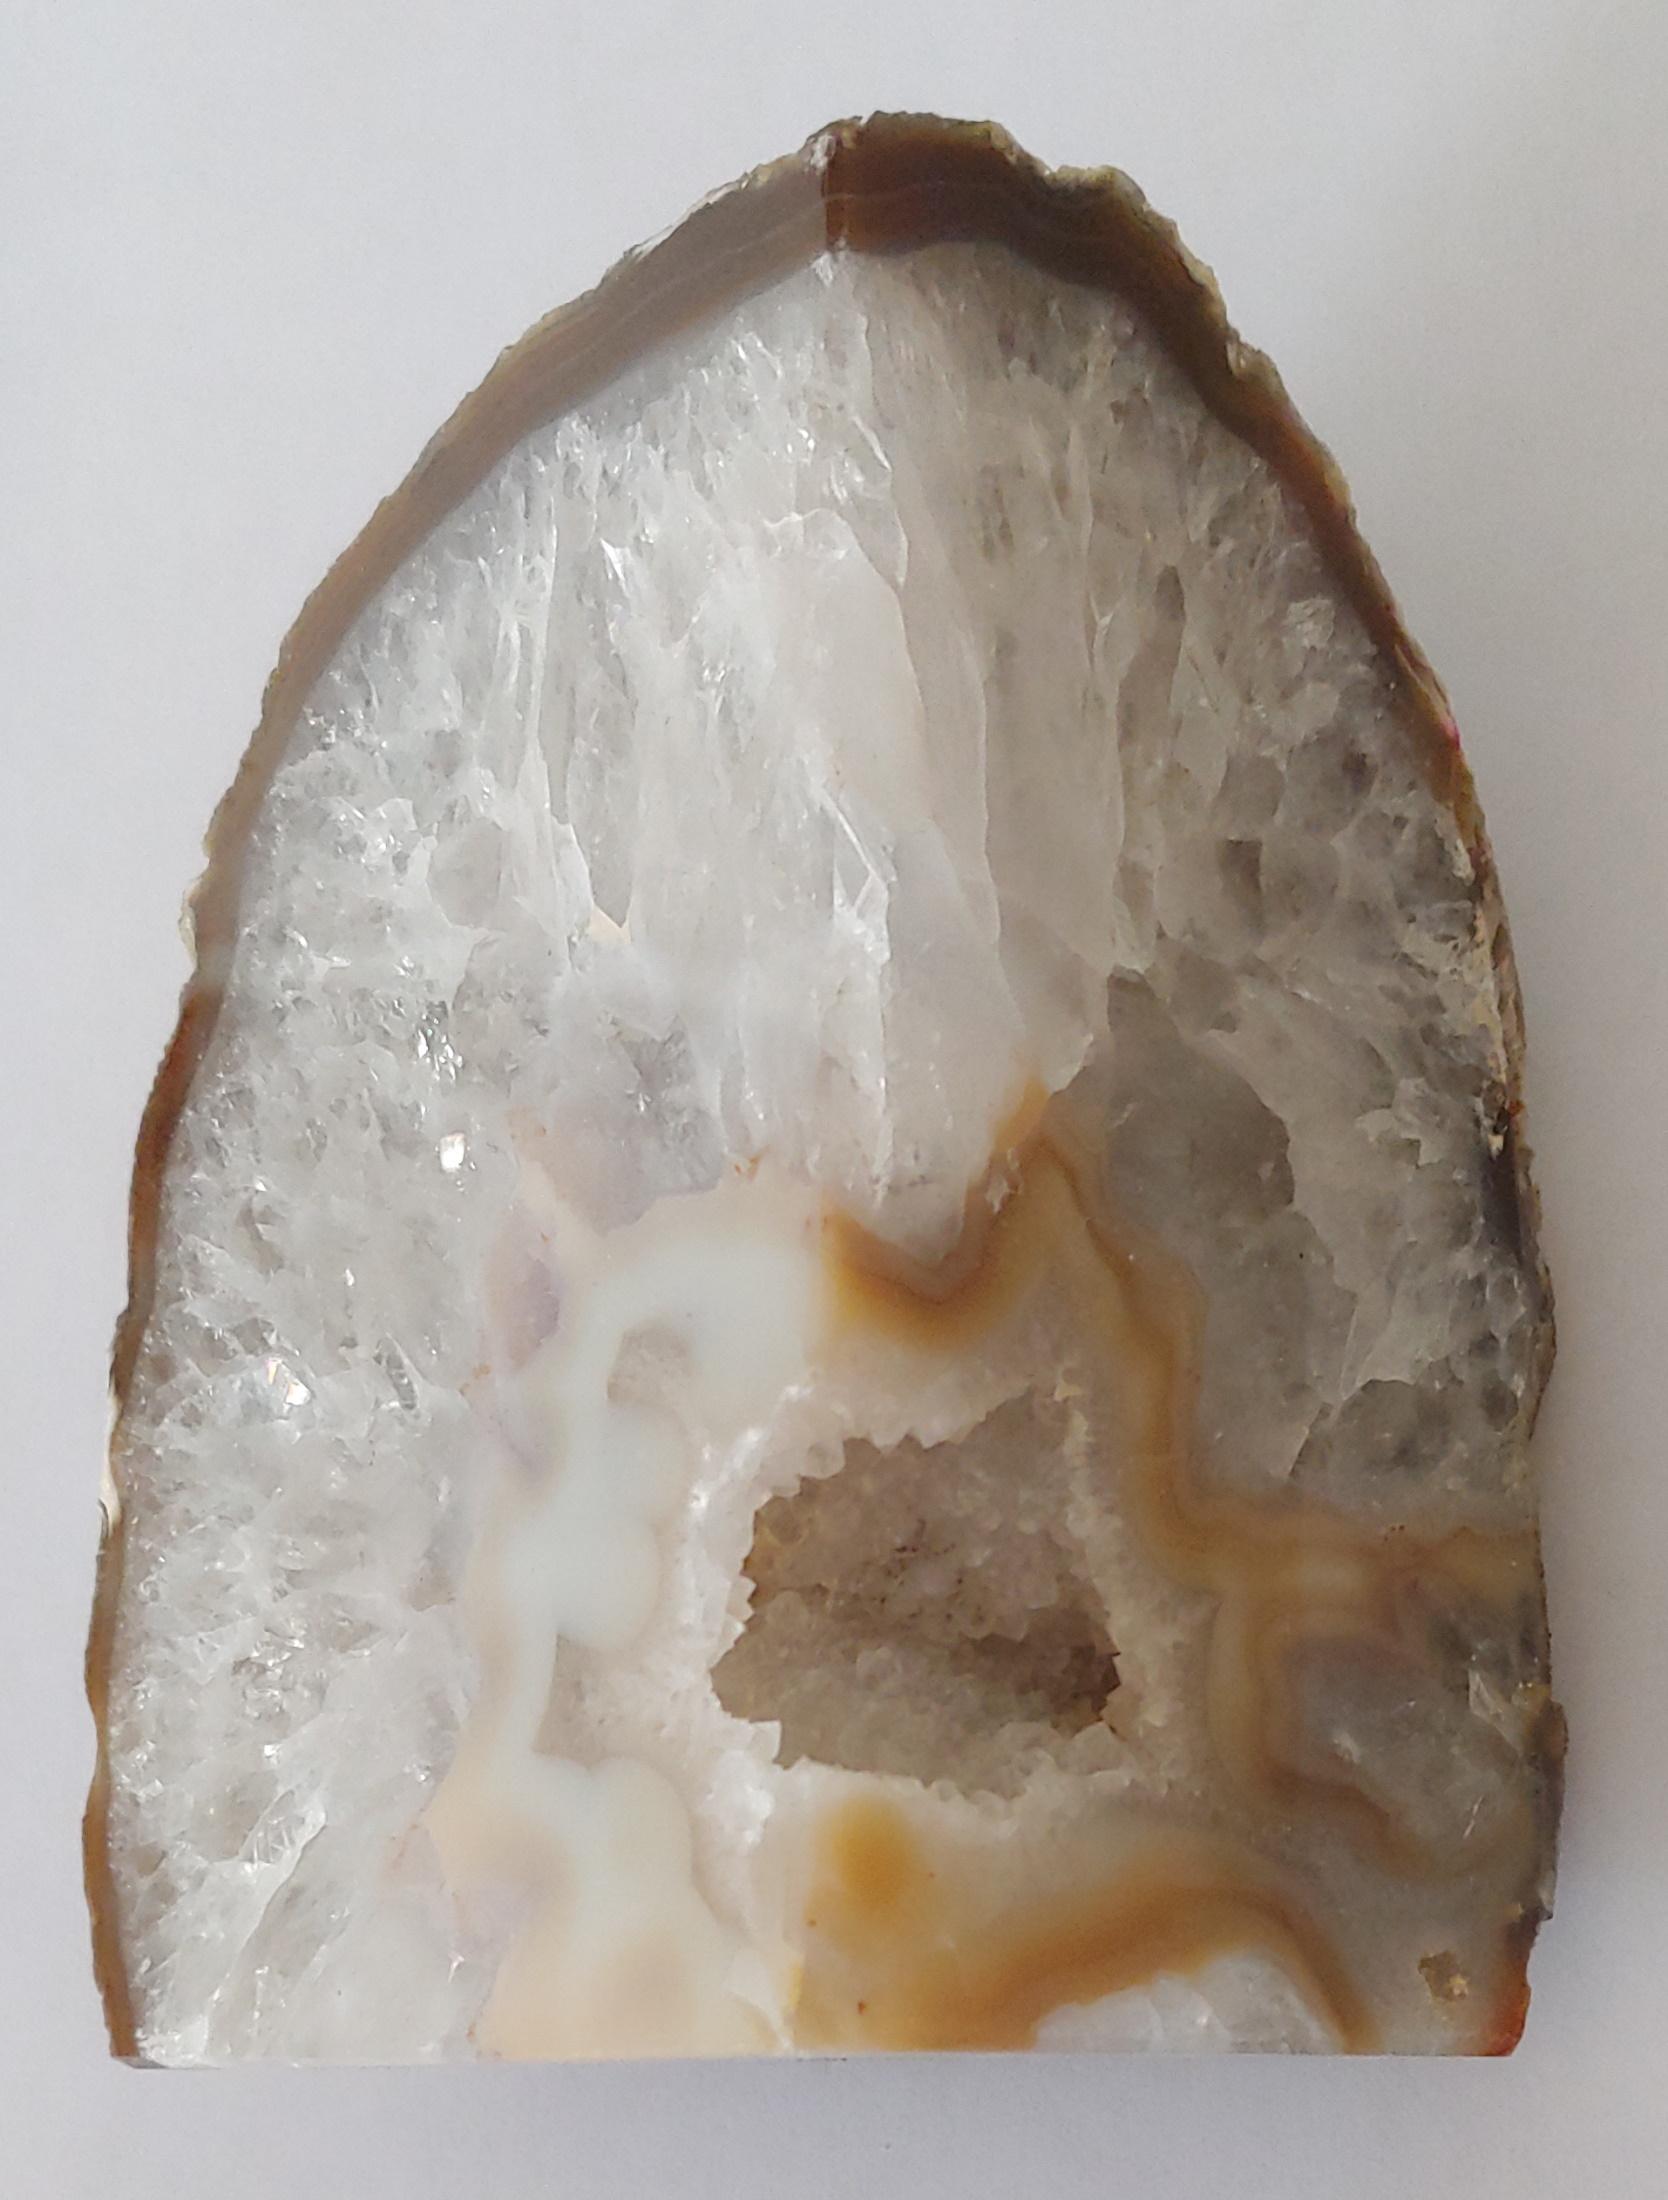 Crystals #5